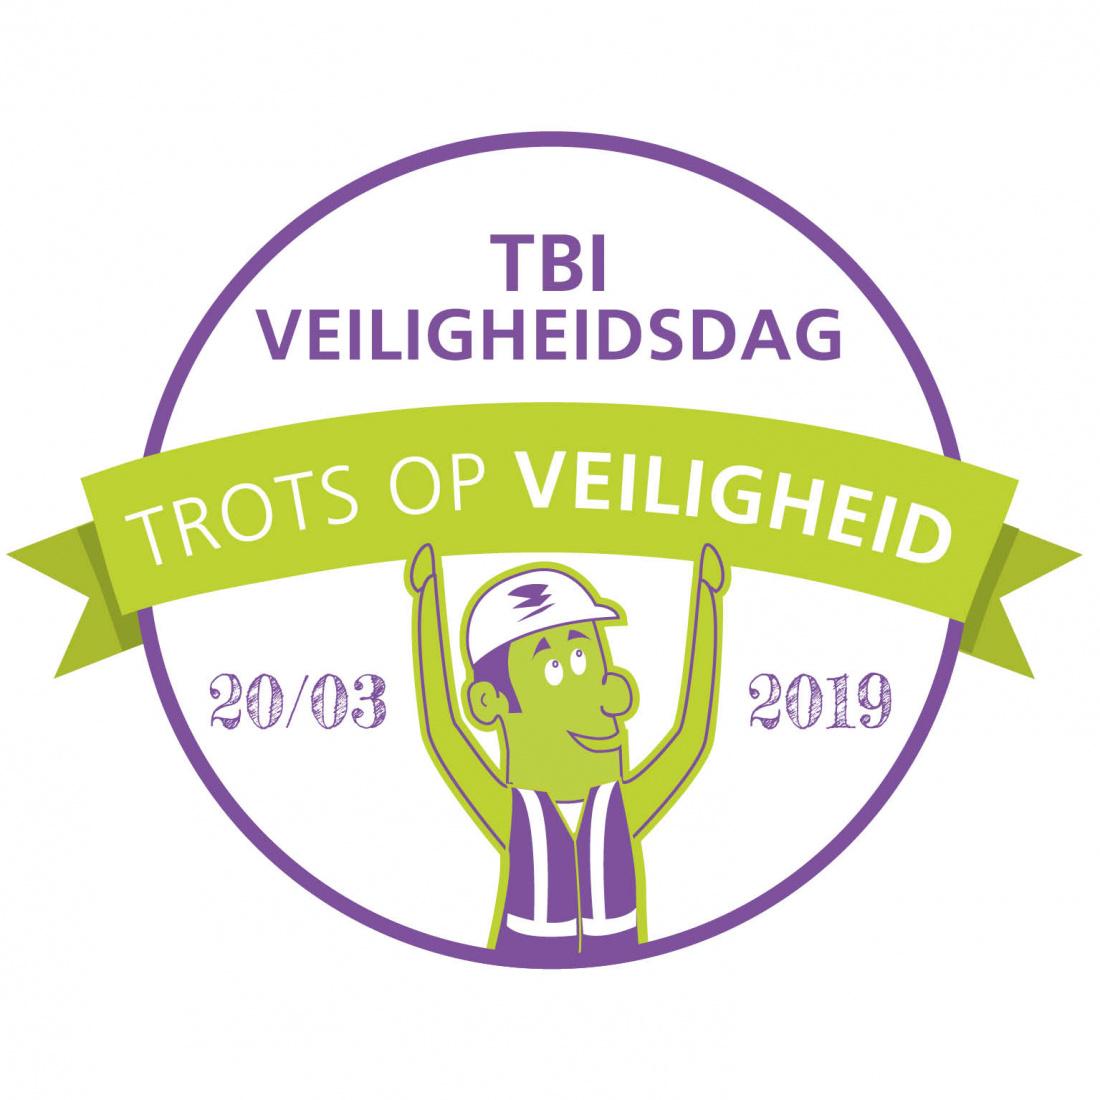 TBI-Veiligheidsdag-logo